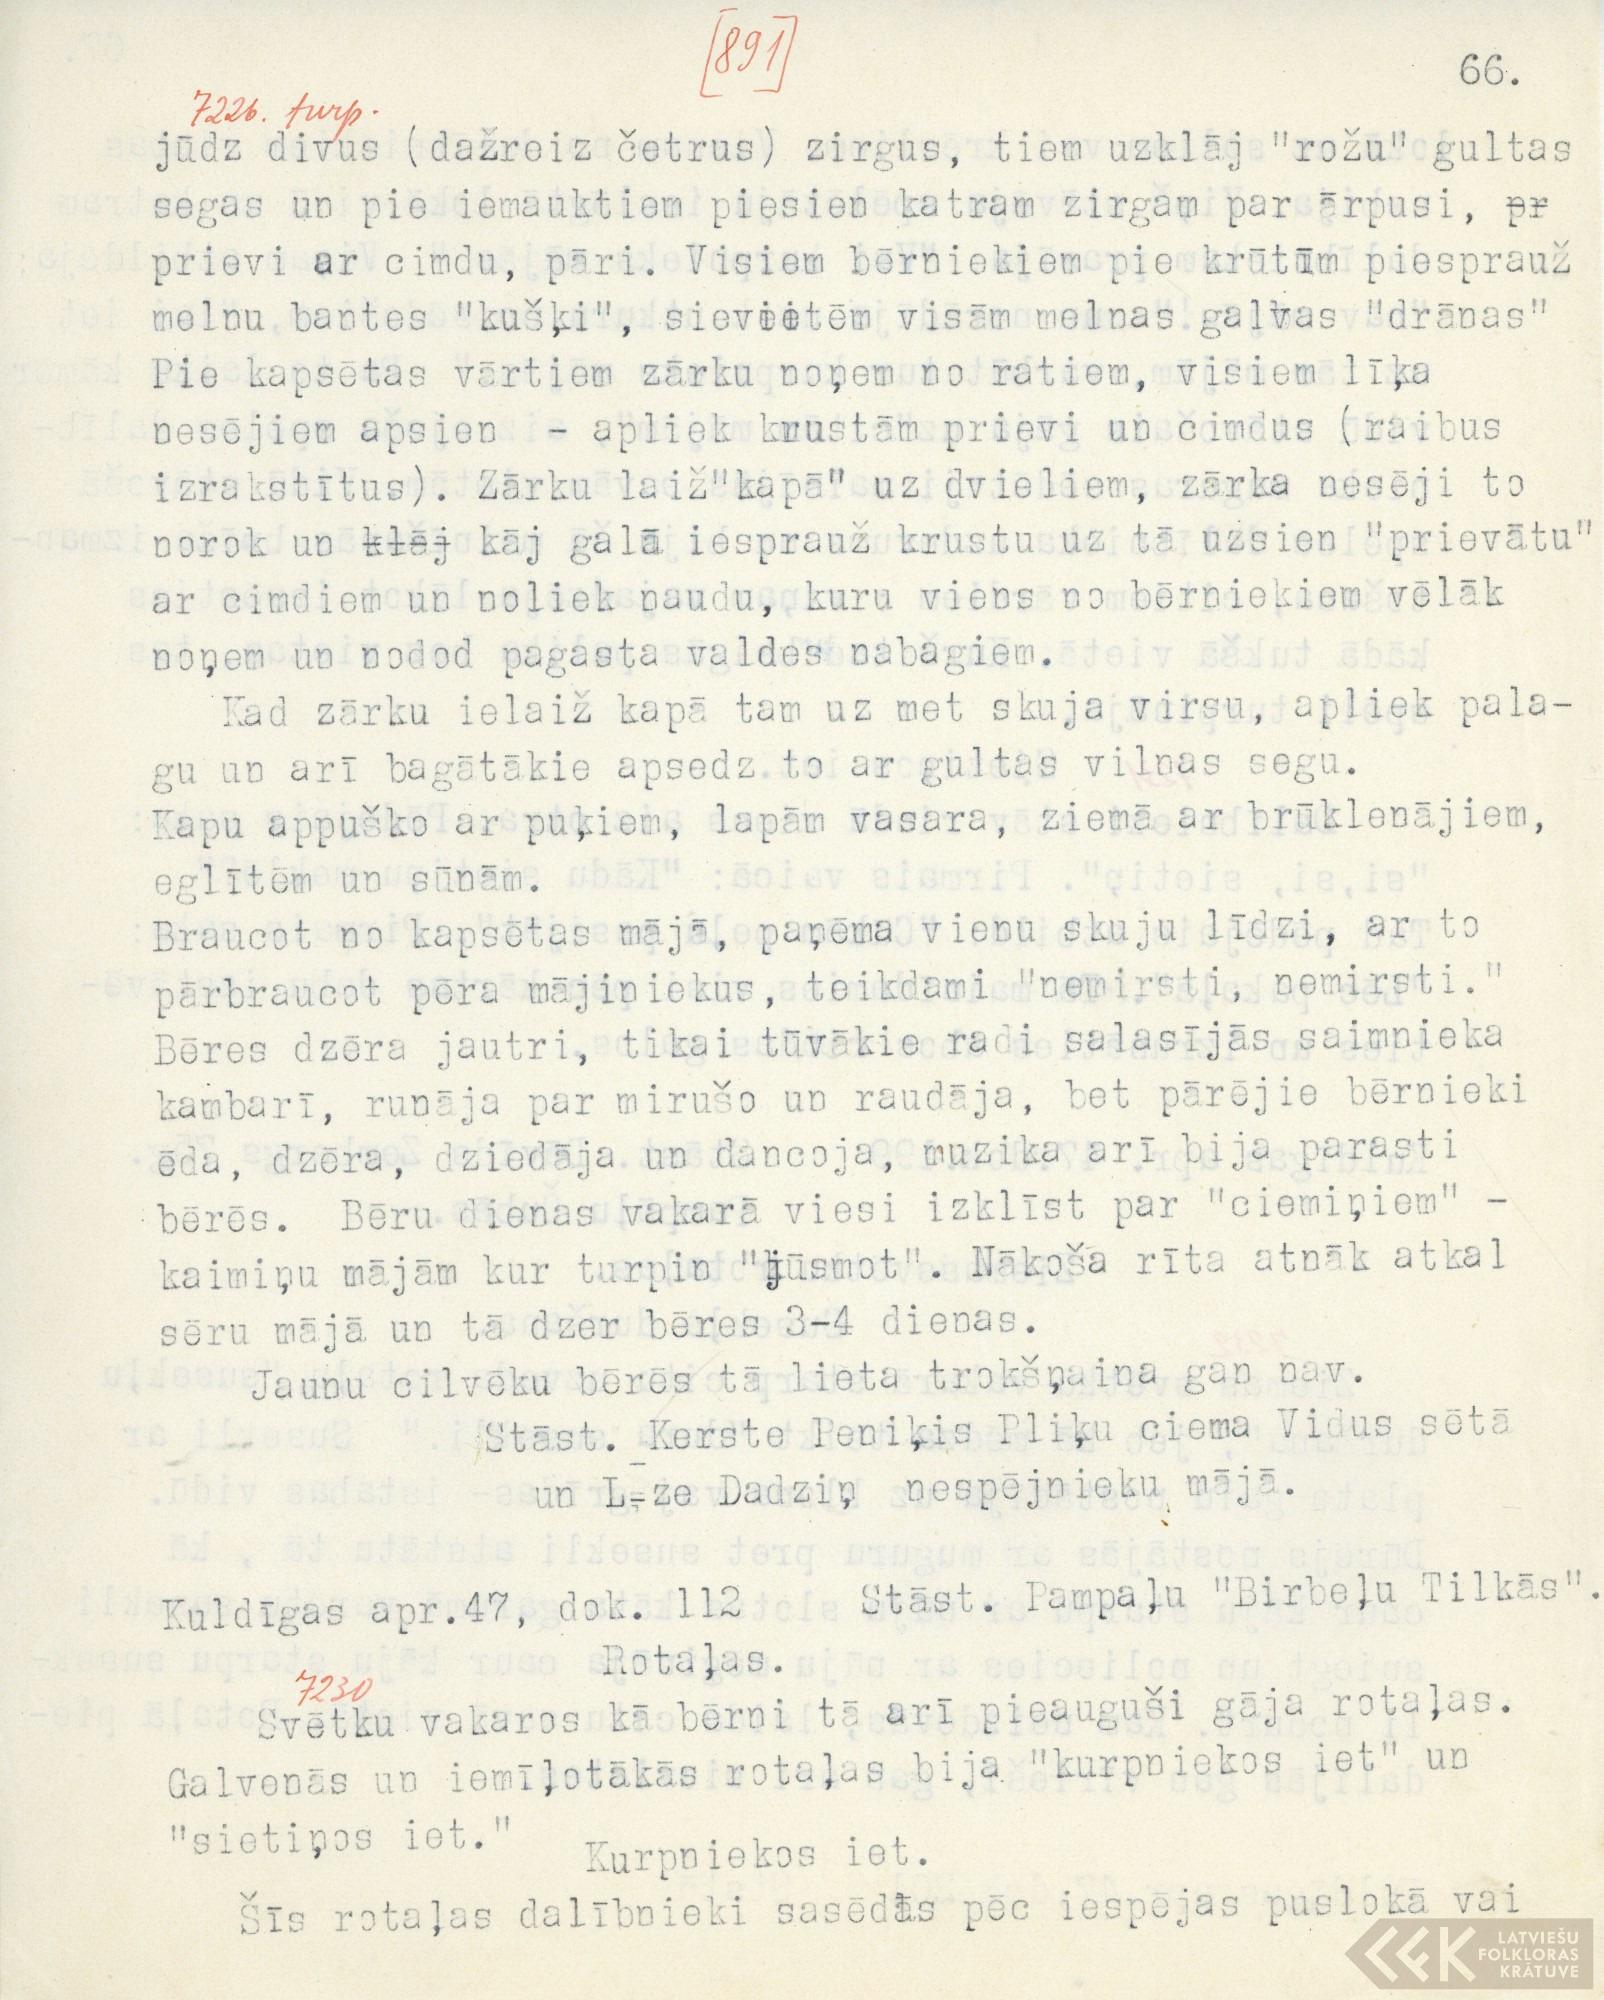 0891-Piemineklu-Valdes-krajums-08-0166